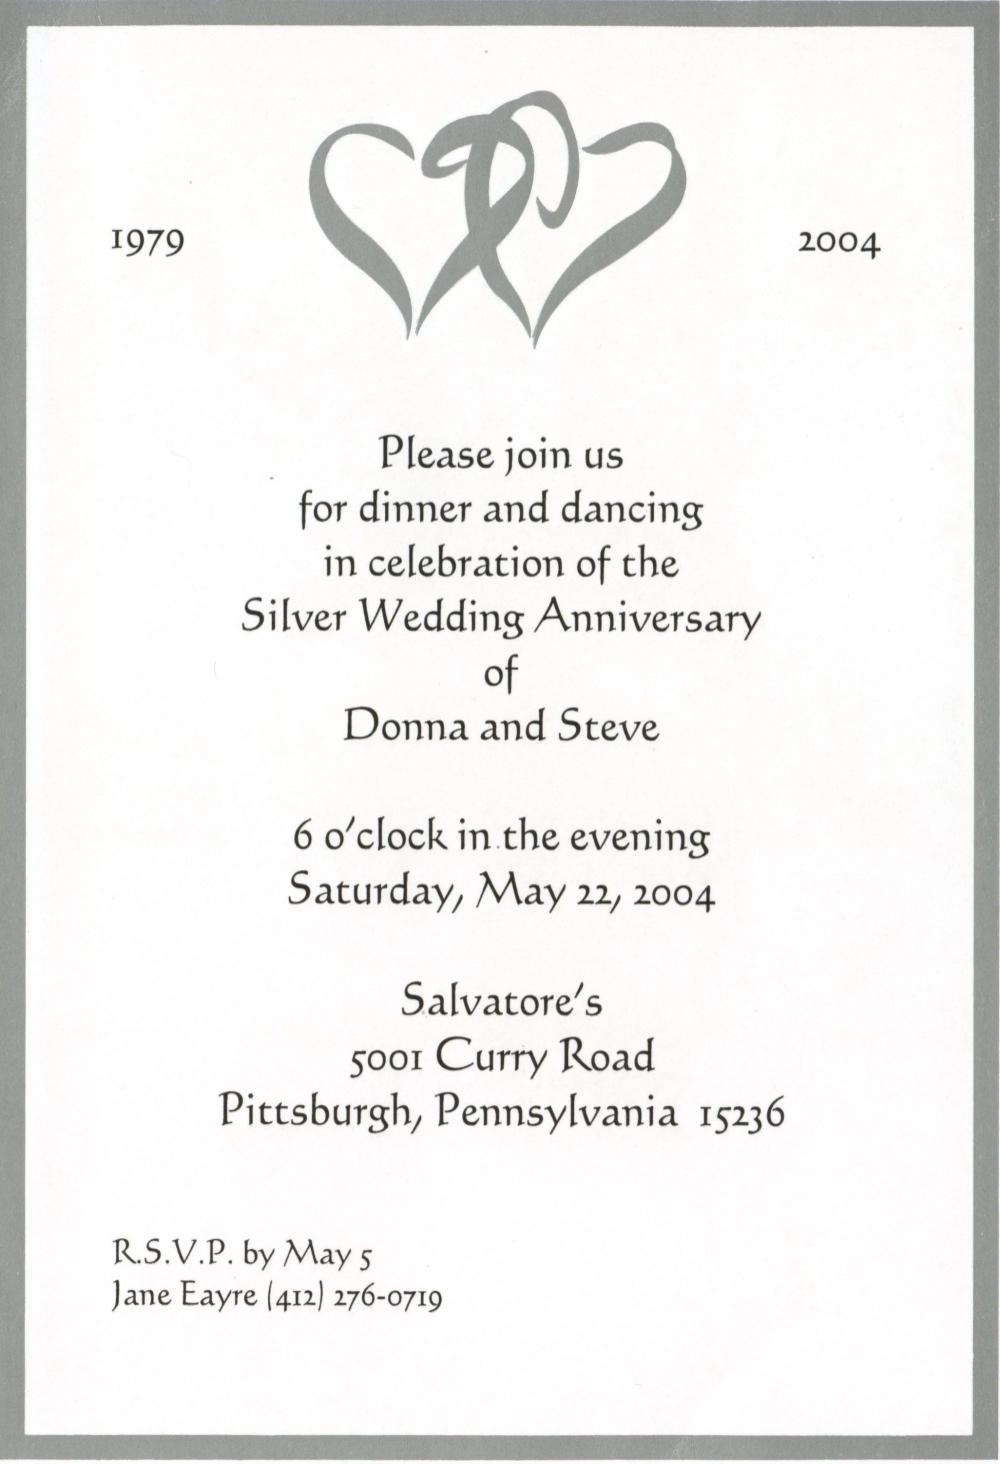 Anniversary Invitation Wedding Invitations Cards Wording Card Invitation Templates Kartu Undangan Pernikahan Undangan Pesta Pernikahan Perayaan Pernikahan